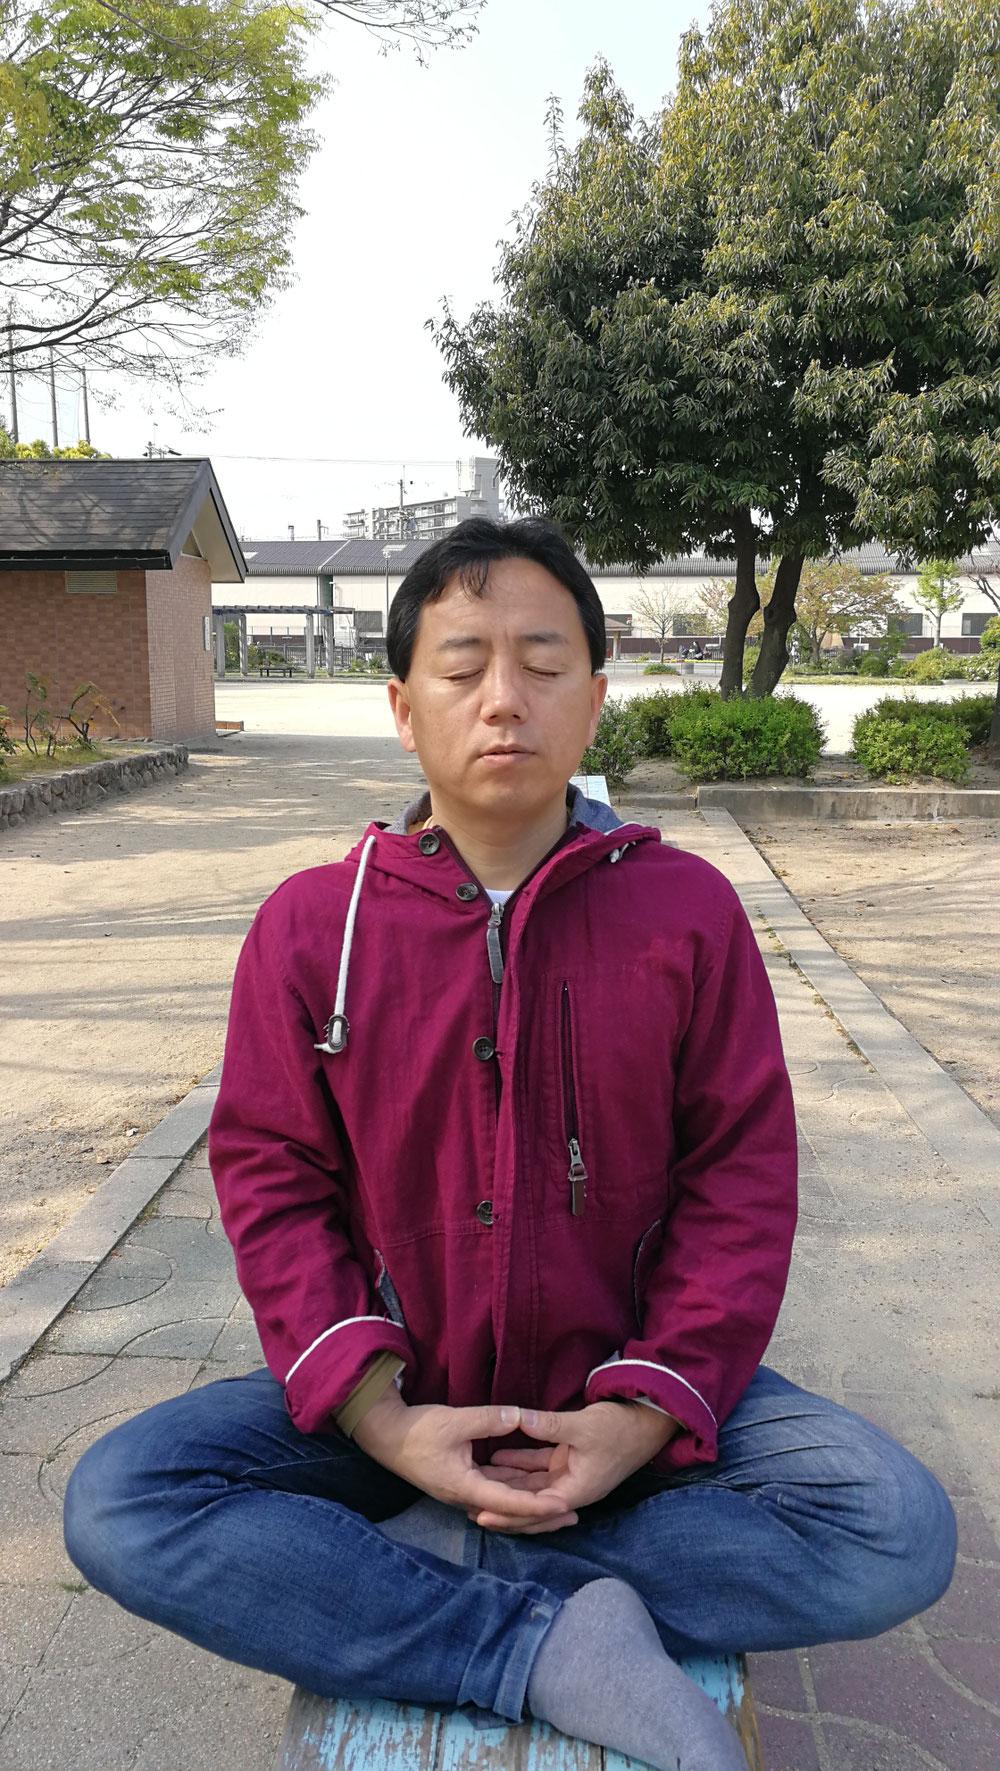 八尾の公園で座禅 瞑想